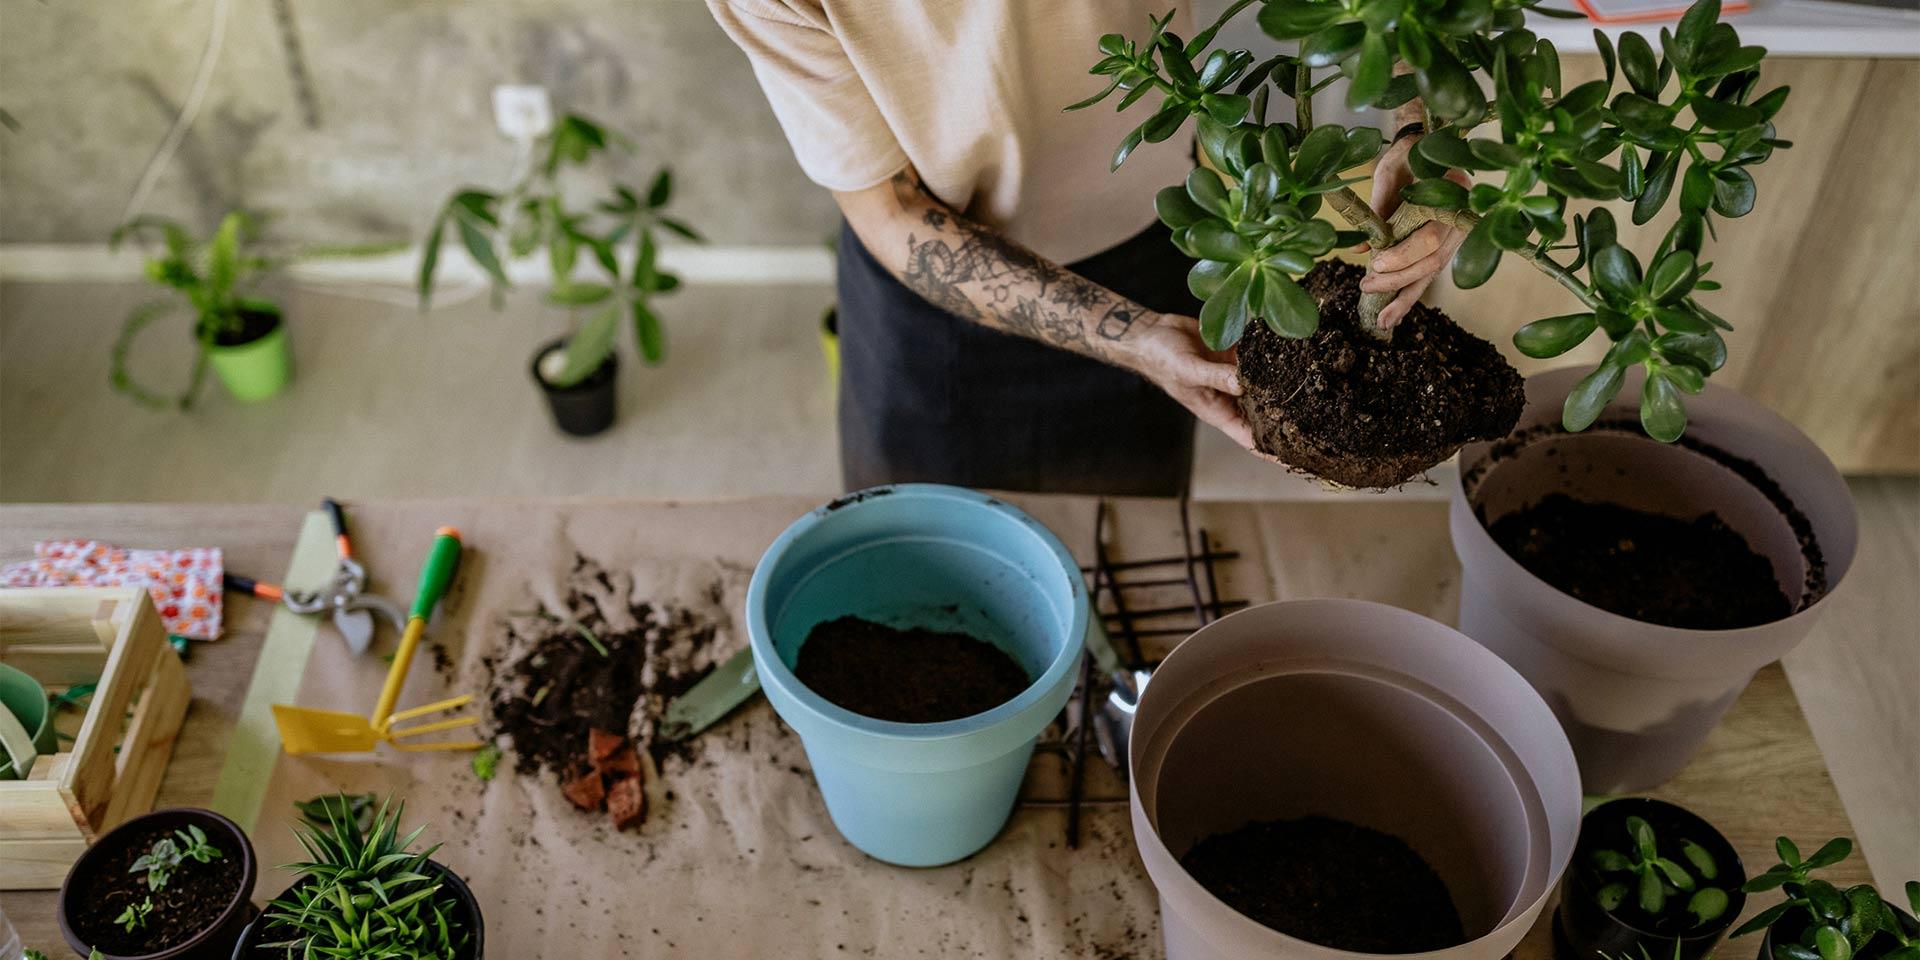 Florist topft Pflanzen um